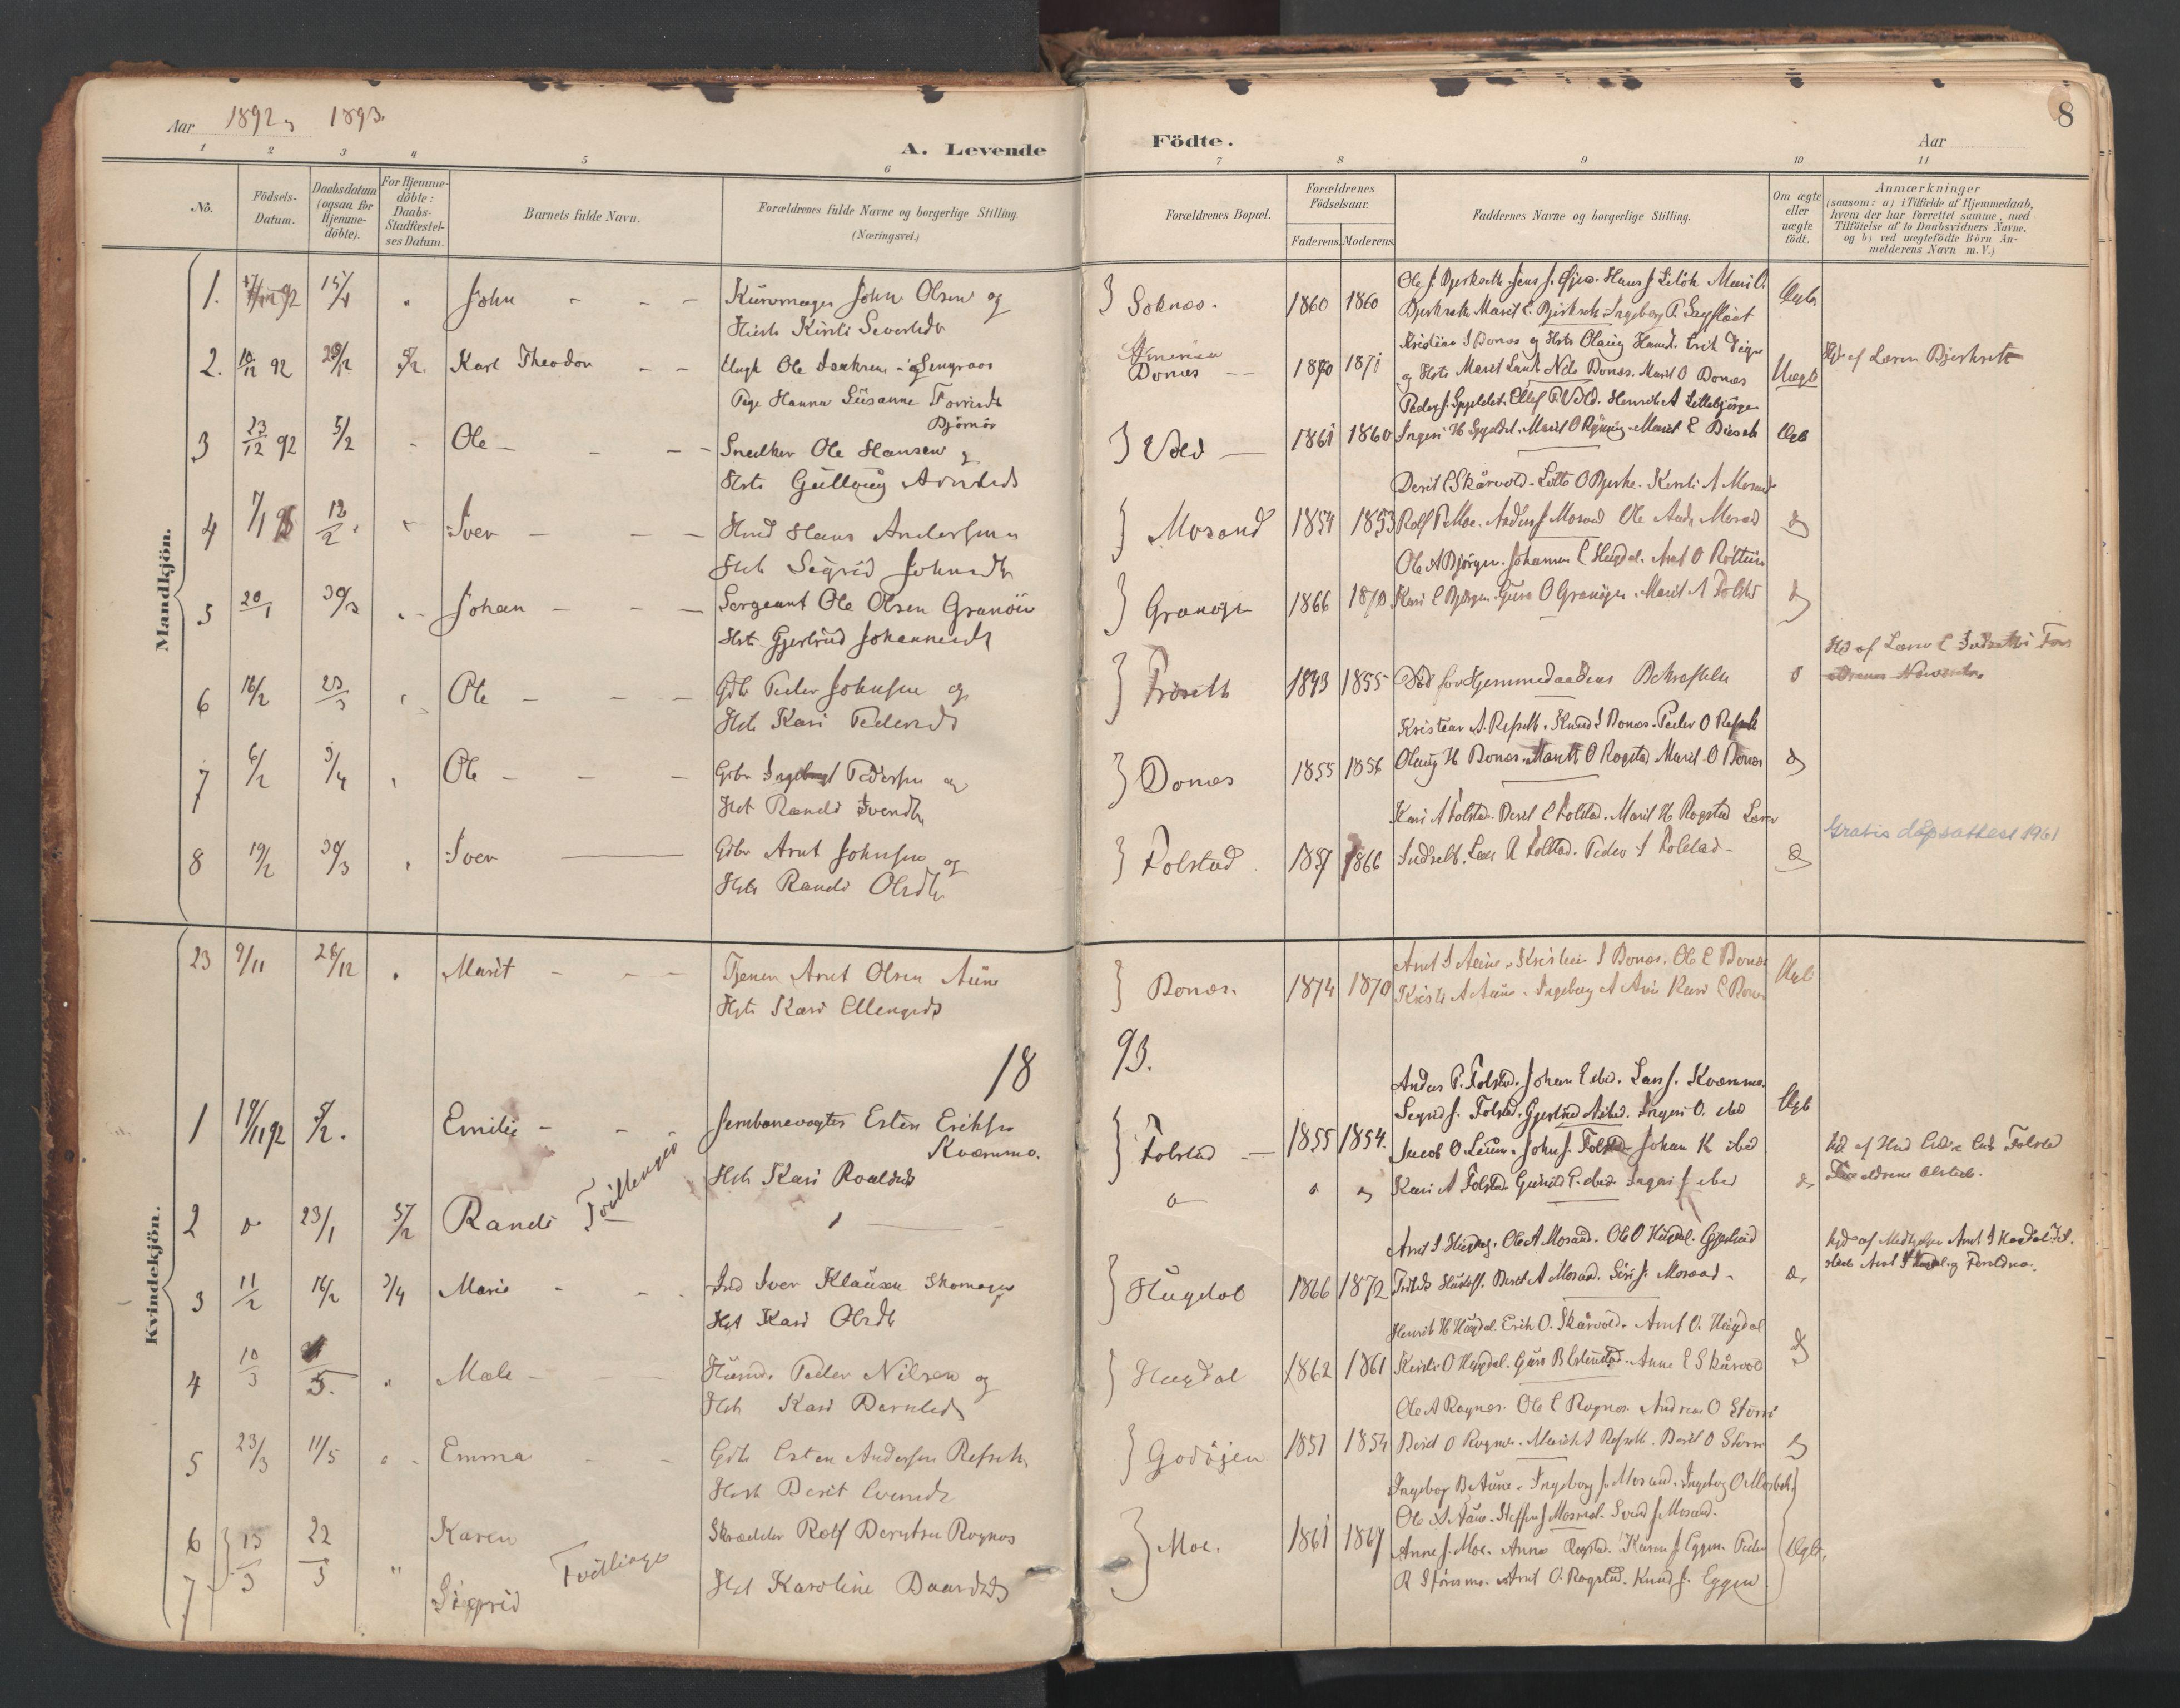 SAT, Ministerialprotokoller, klokkerbøker og fødselsregistre - Sør-Trøndelag, 687/L1004: Ministerialbok nr. 687A10, 1891-1923, s. 8